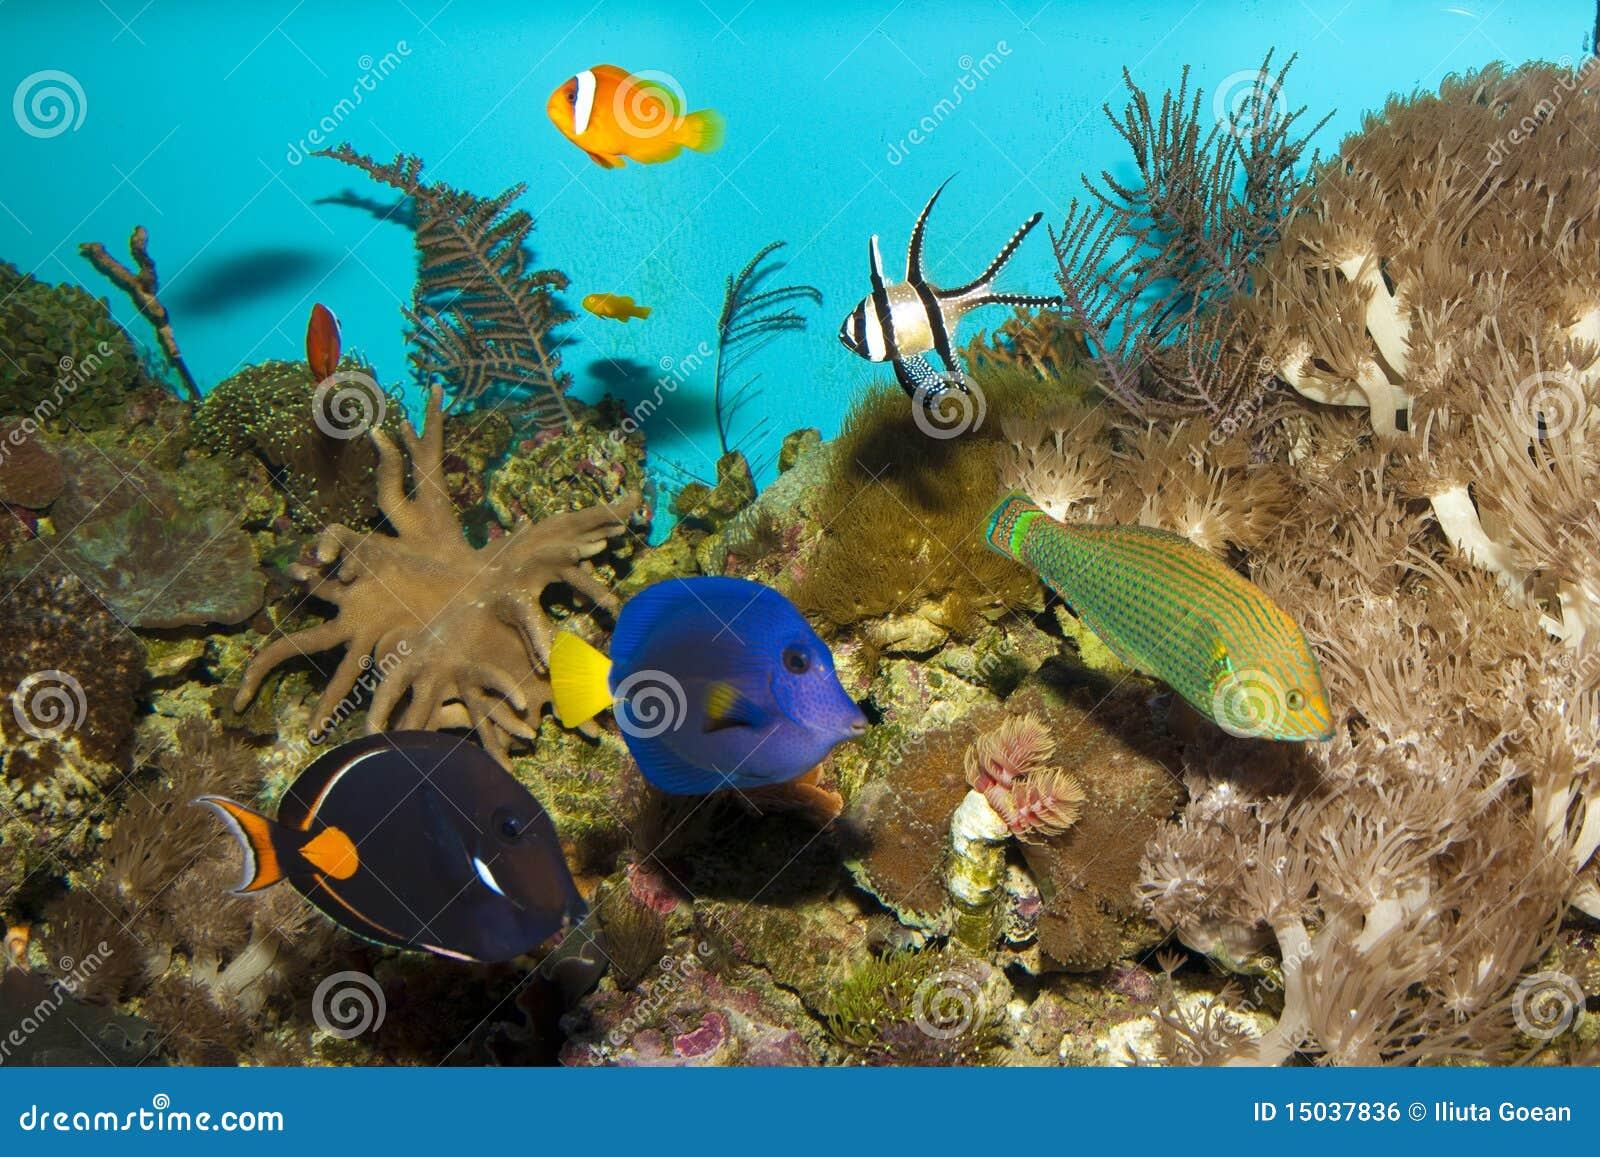 Pesci della barriera corallina in acquario immagine stock for Acquario acqua salata